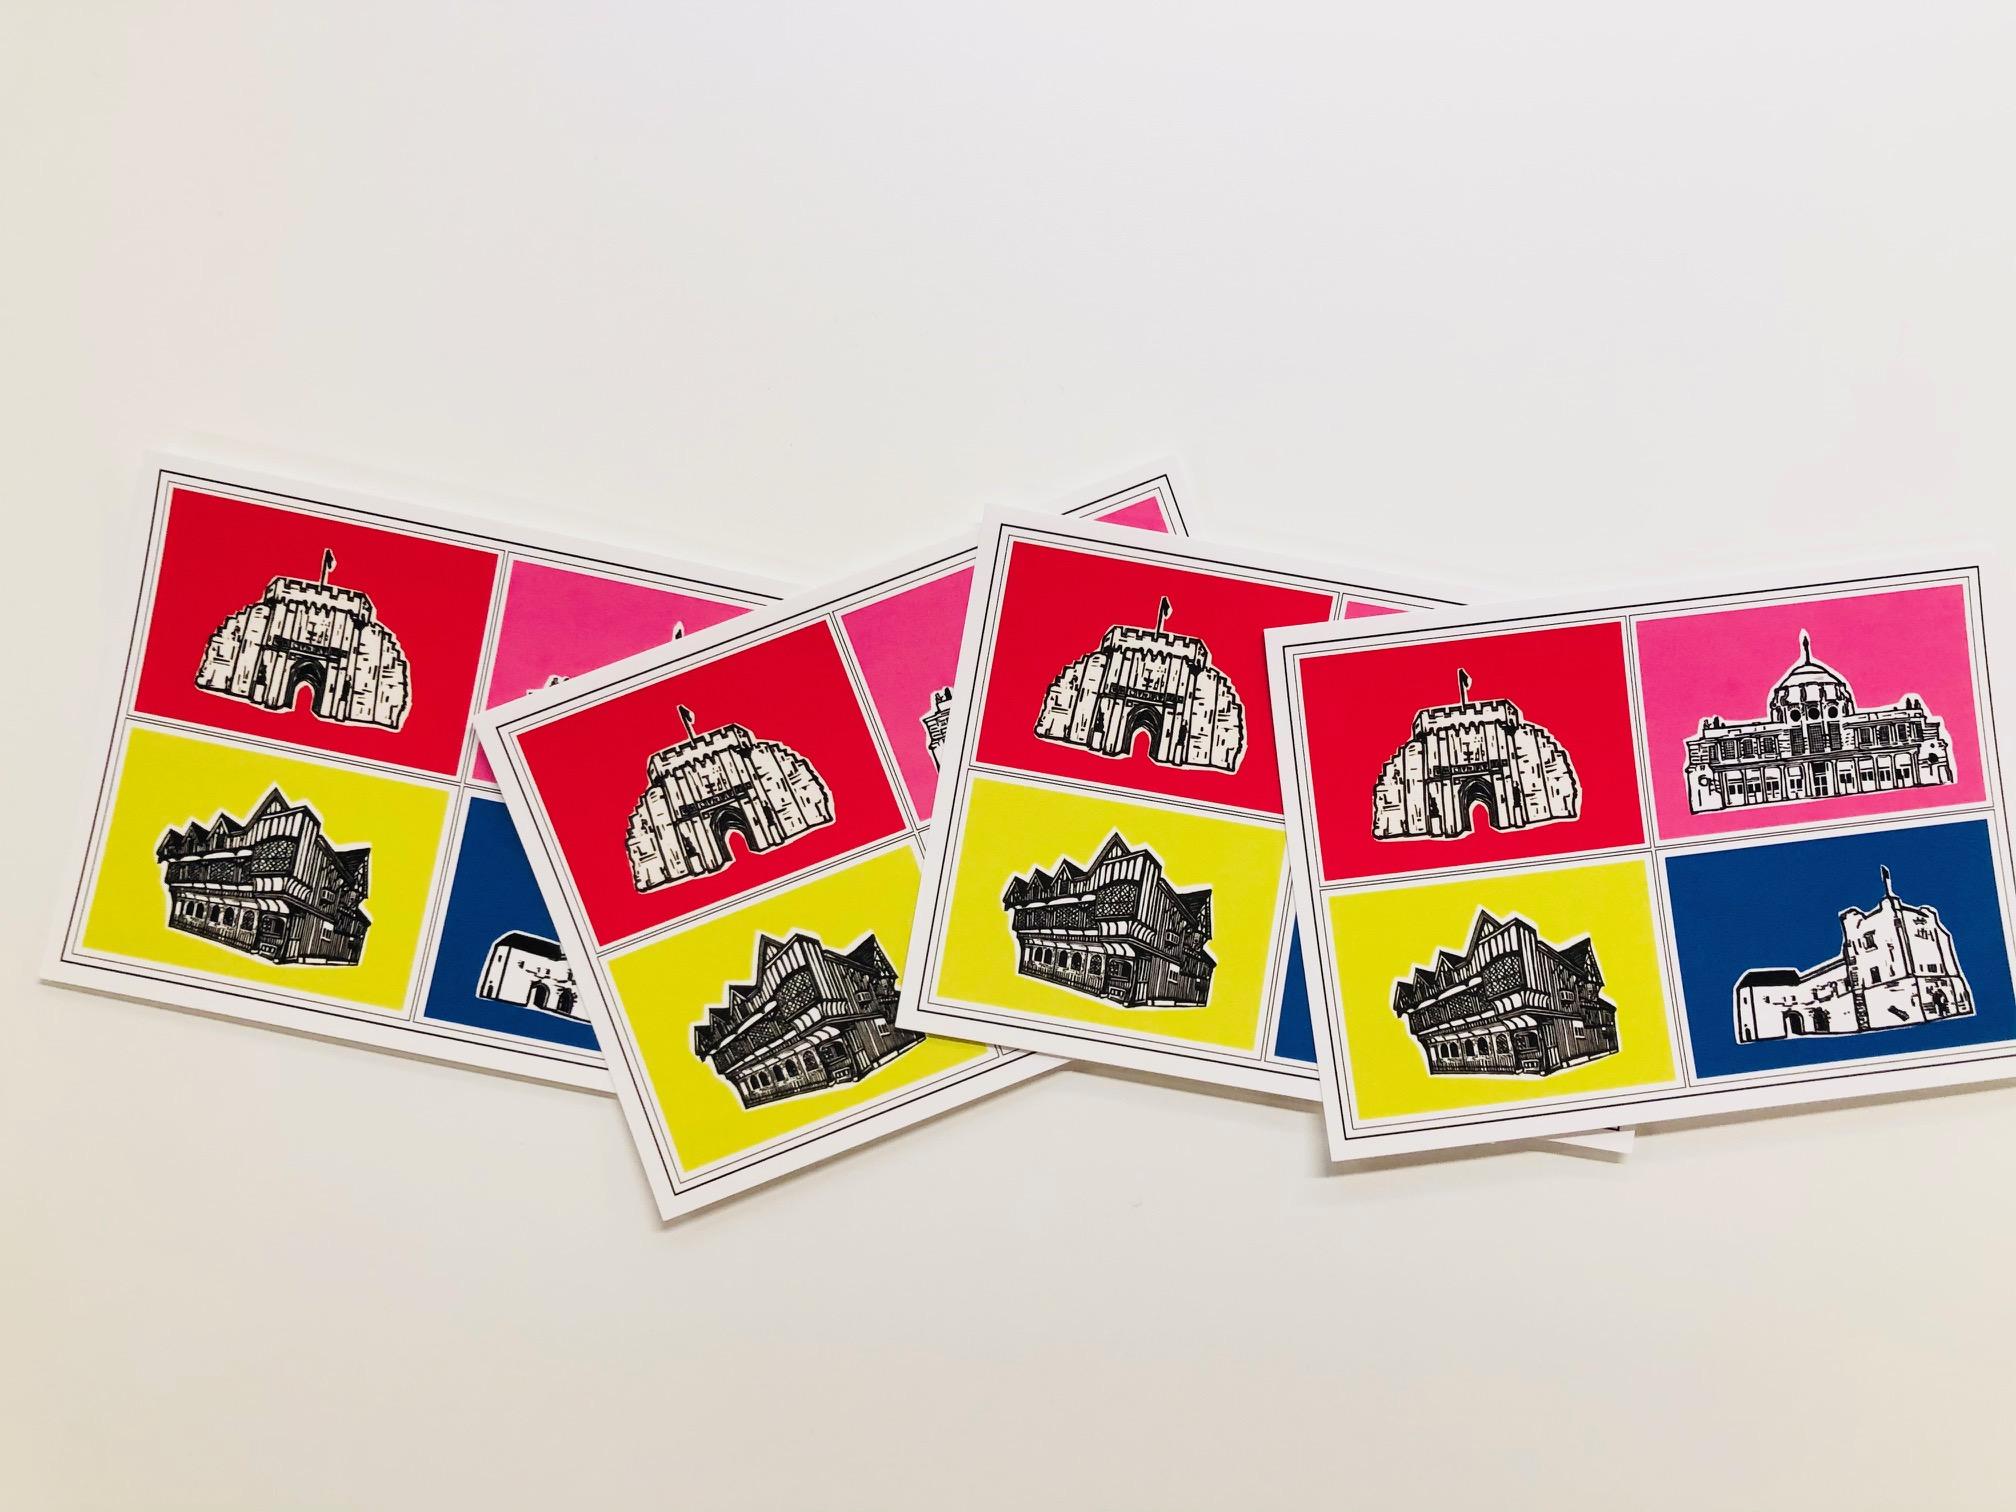 'Pop' postcard by Mandy Smith